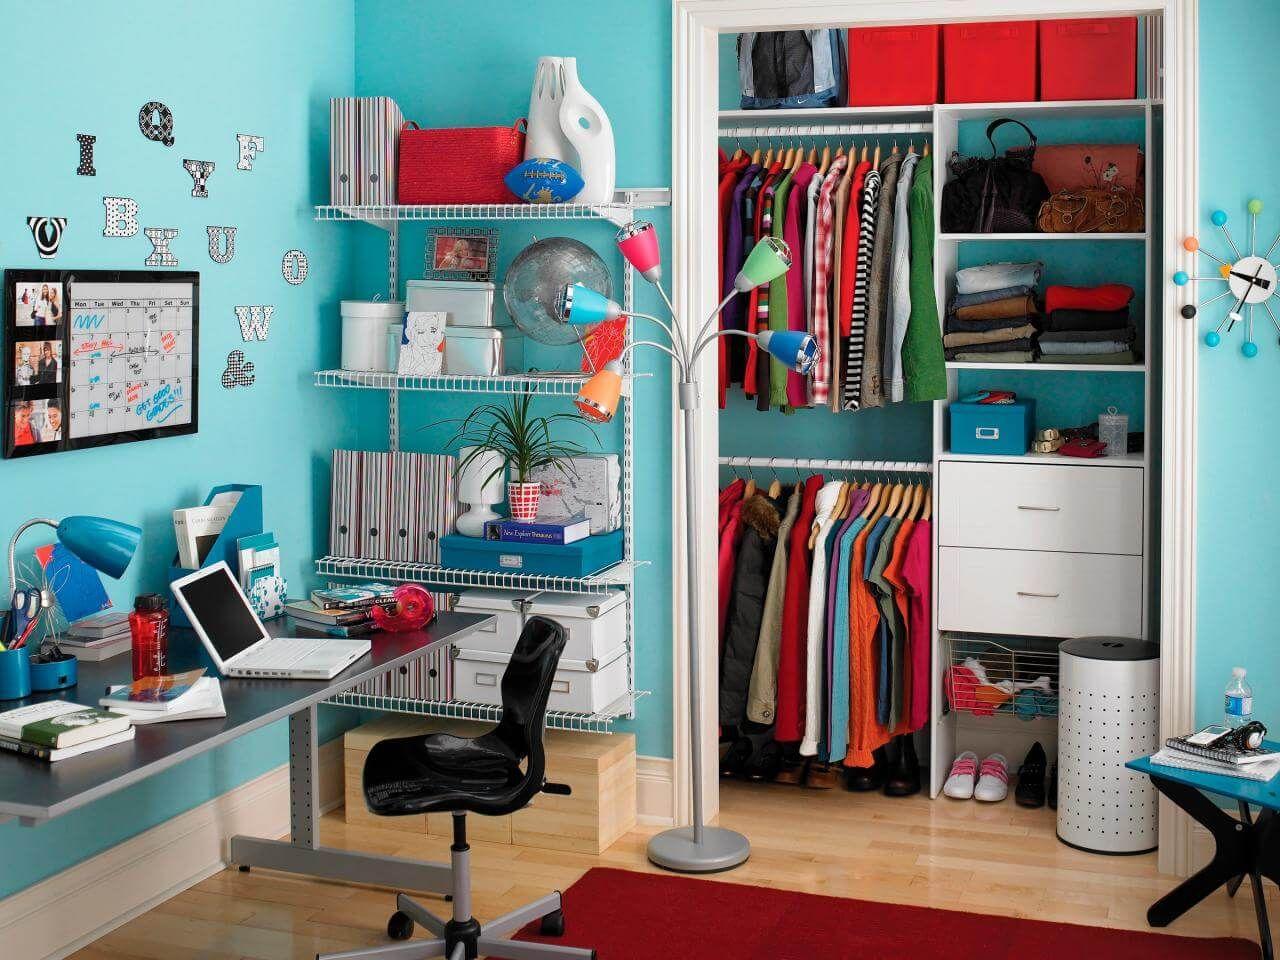 Closet Pequeno Em Quarto De Solteiro Com Decora O Colorida  ~ Diy Decoração Quarto Feminino E Quarto Pequeno Com Closed